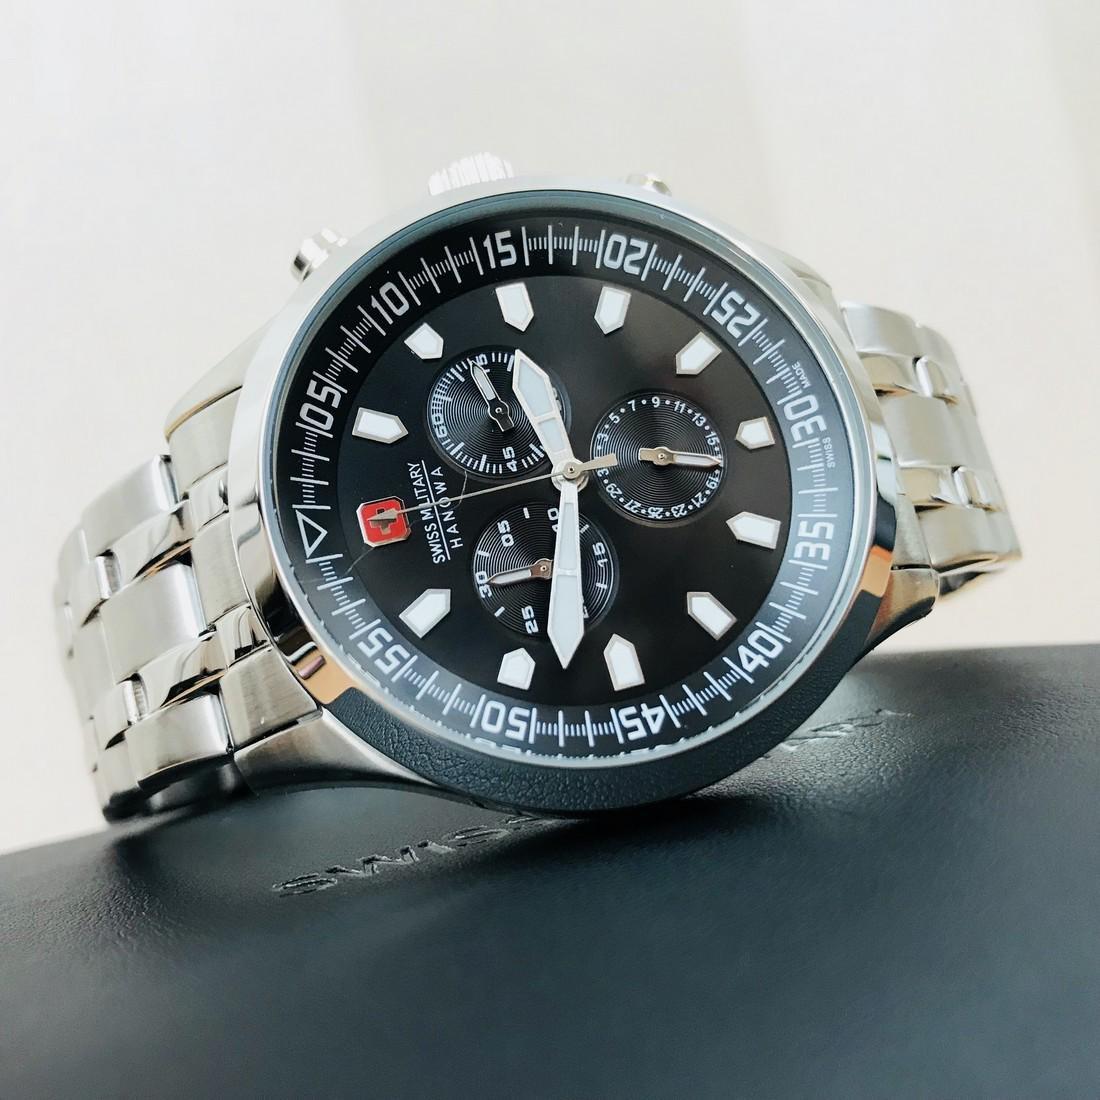 Swiss Military Hanowa – Swiss Made Chronograph Watch